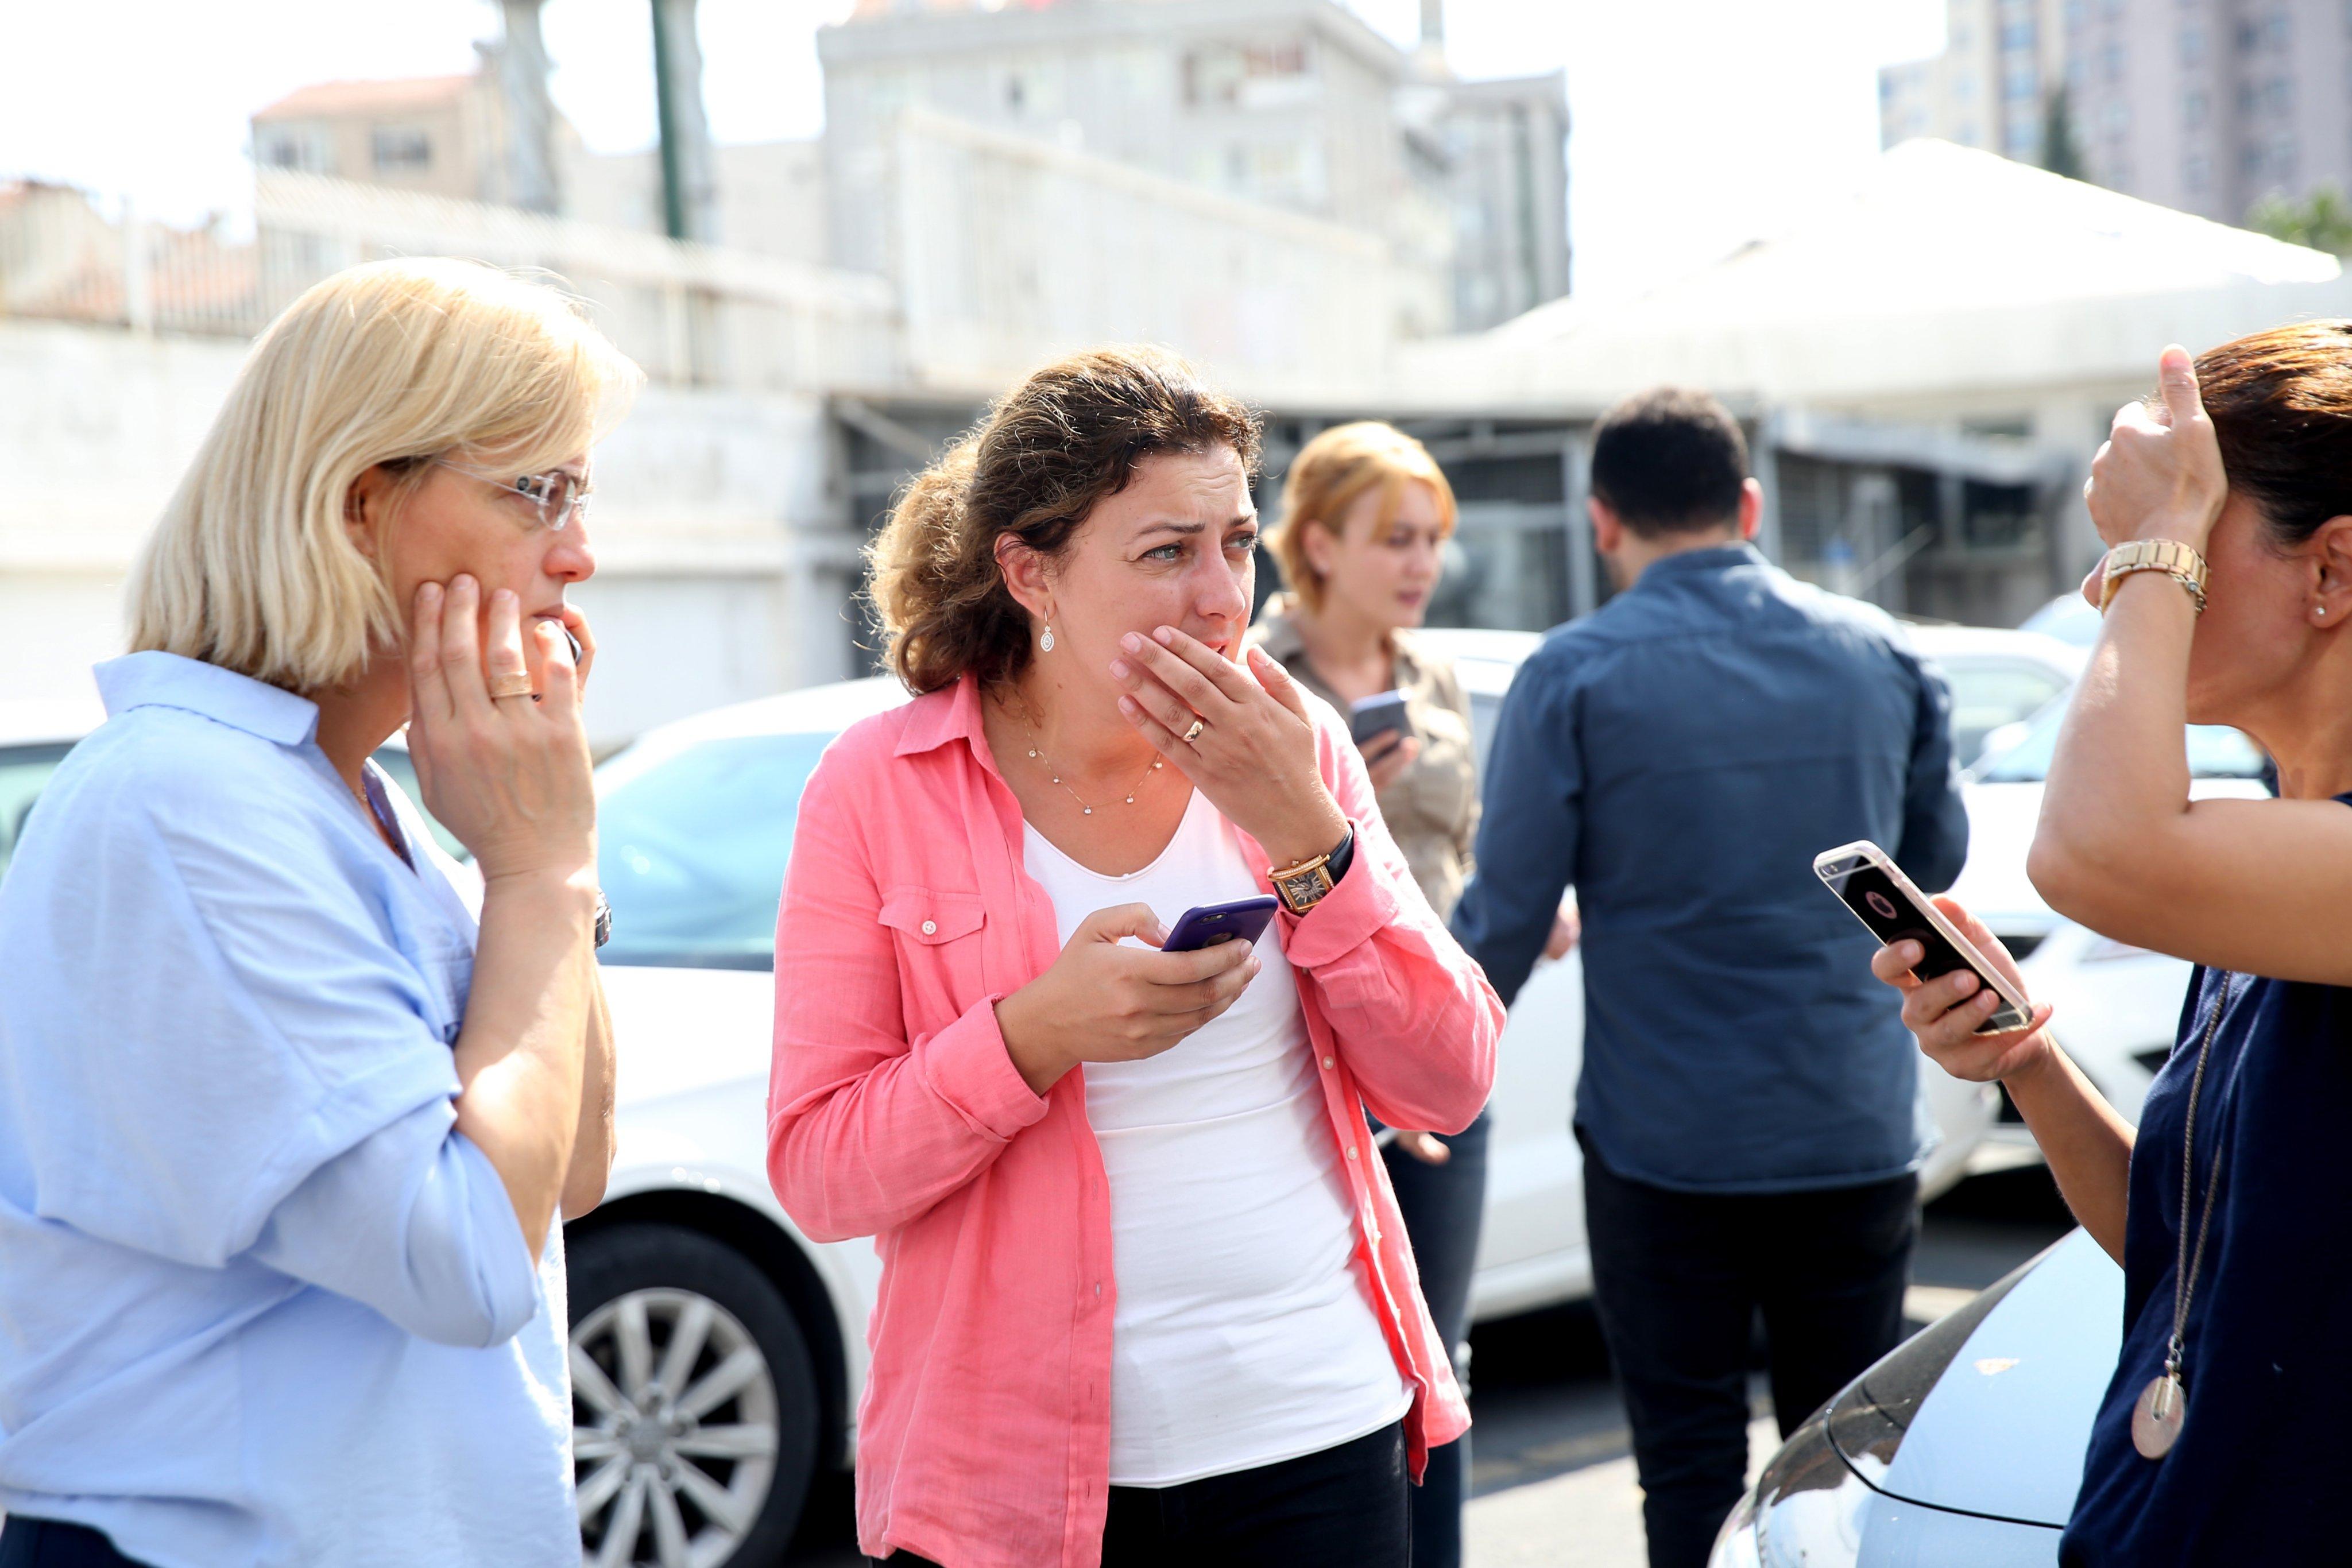 Ισχυρός σεισμός 5,8 Ρίχτερ ταρακούνησε την Κωνσταντινούπολη (βίντεο)